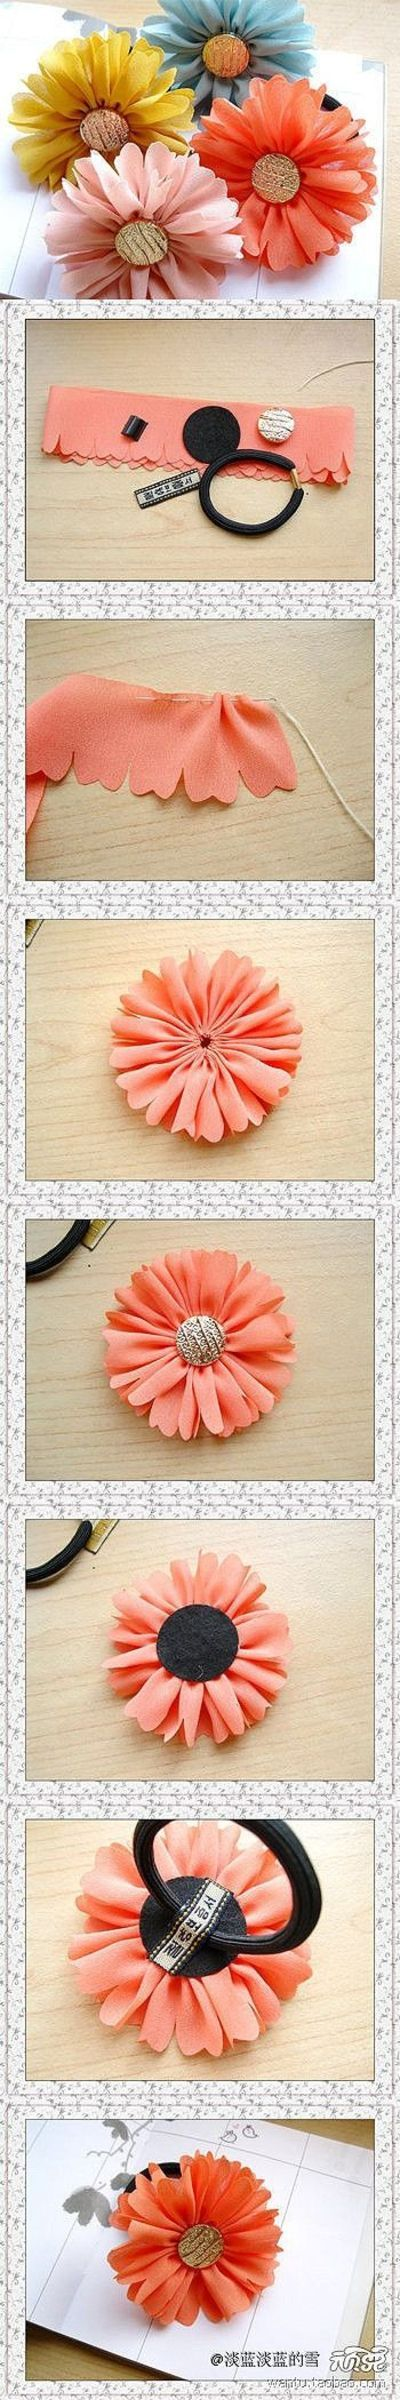 best diy crafts images on pinterest